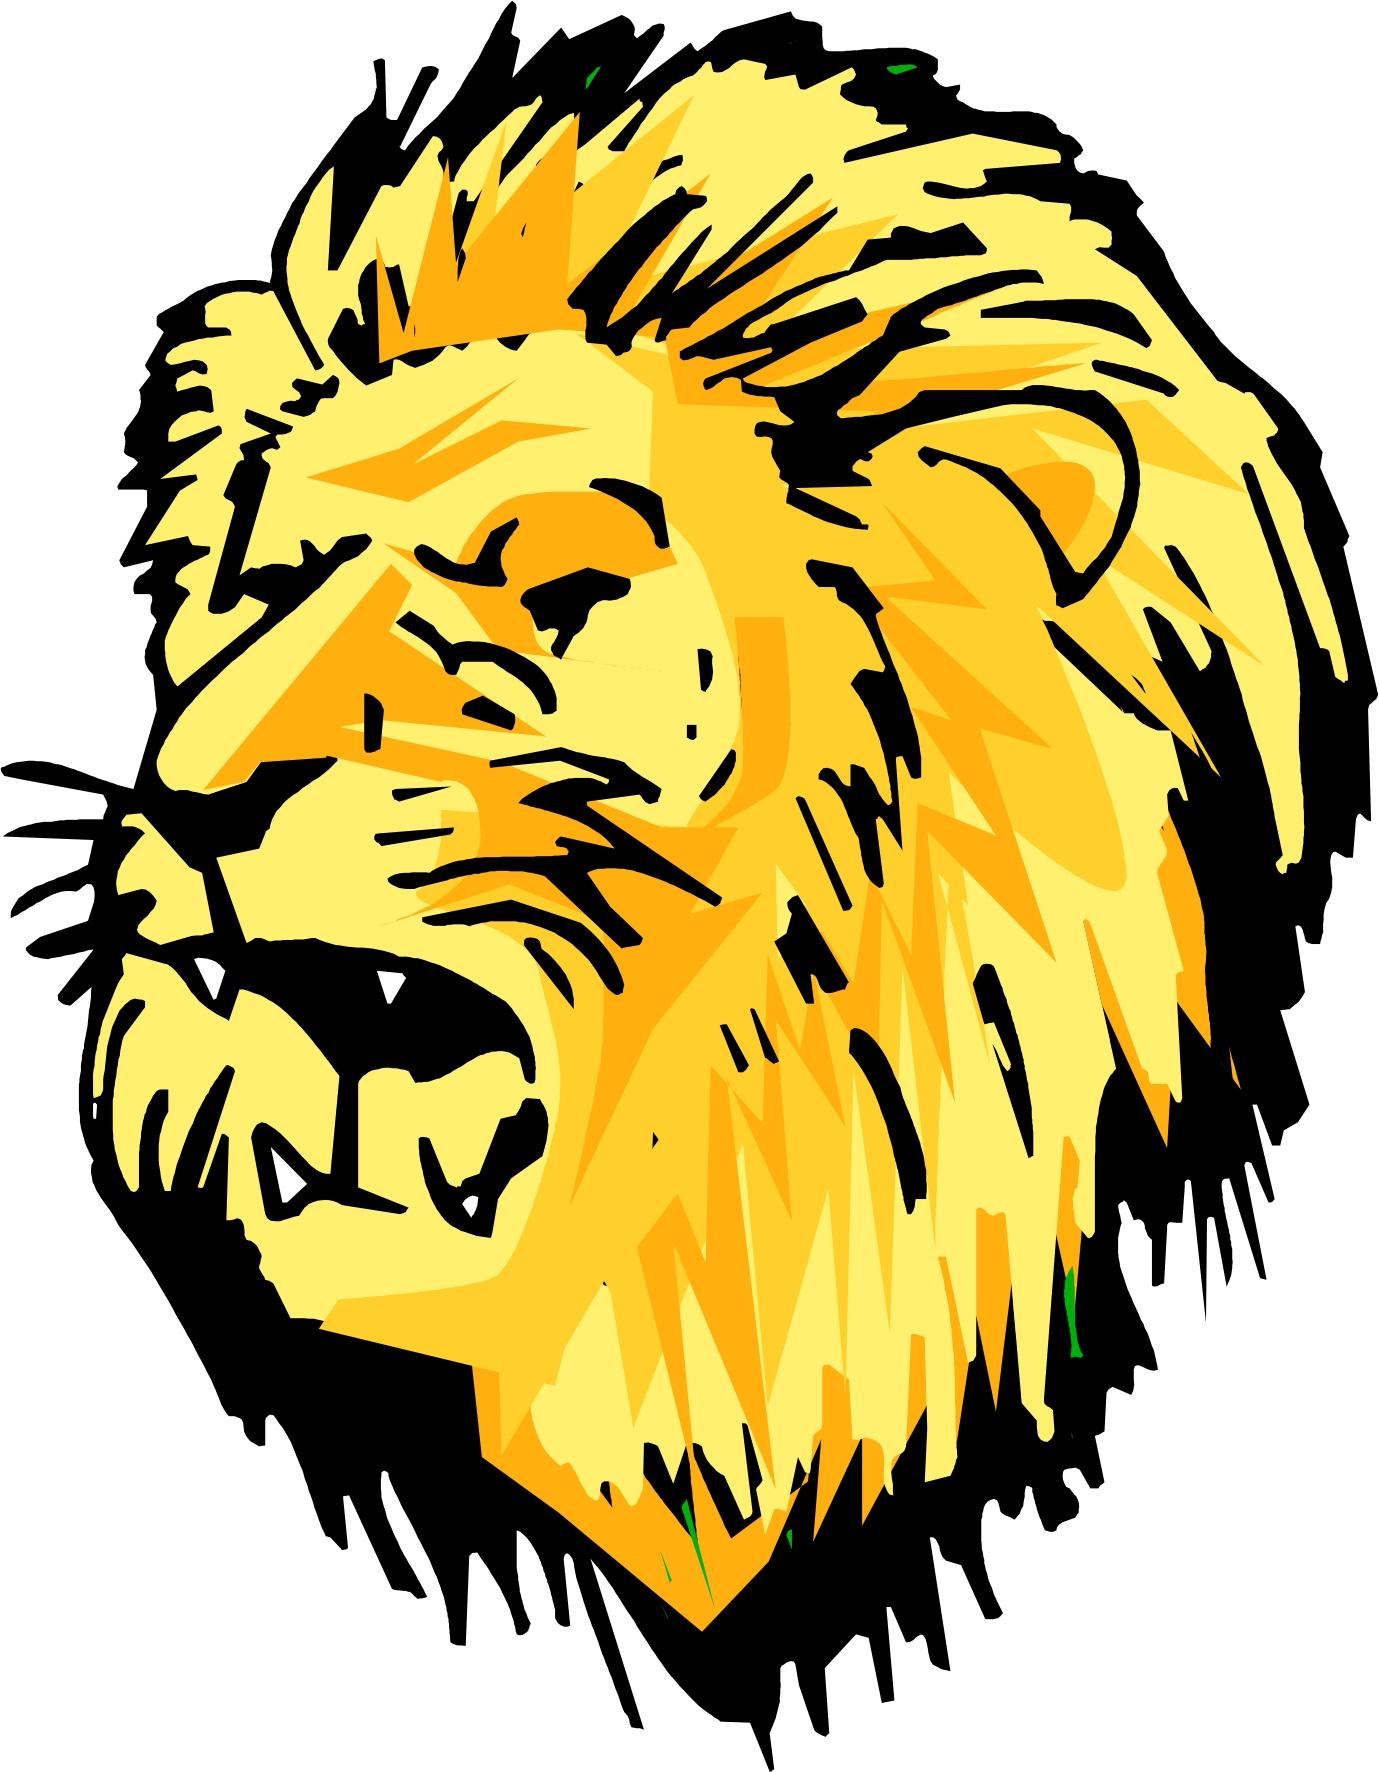 Vintage lion head clipart image Free Lion Head Clipart, Download Free Clip Art, Free Clip ... image